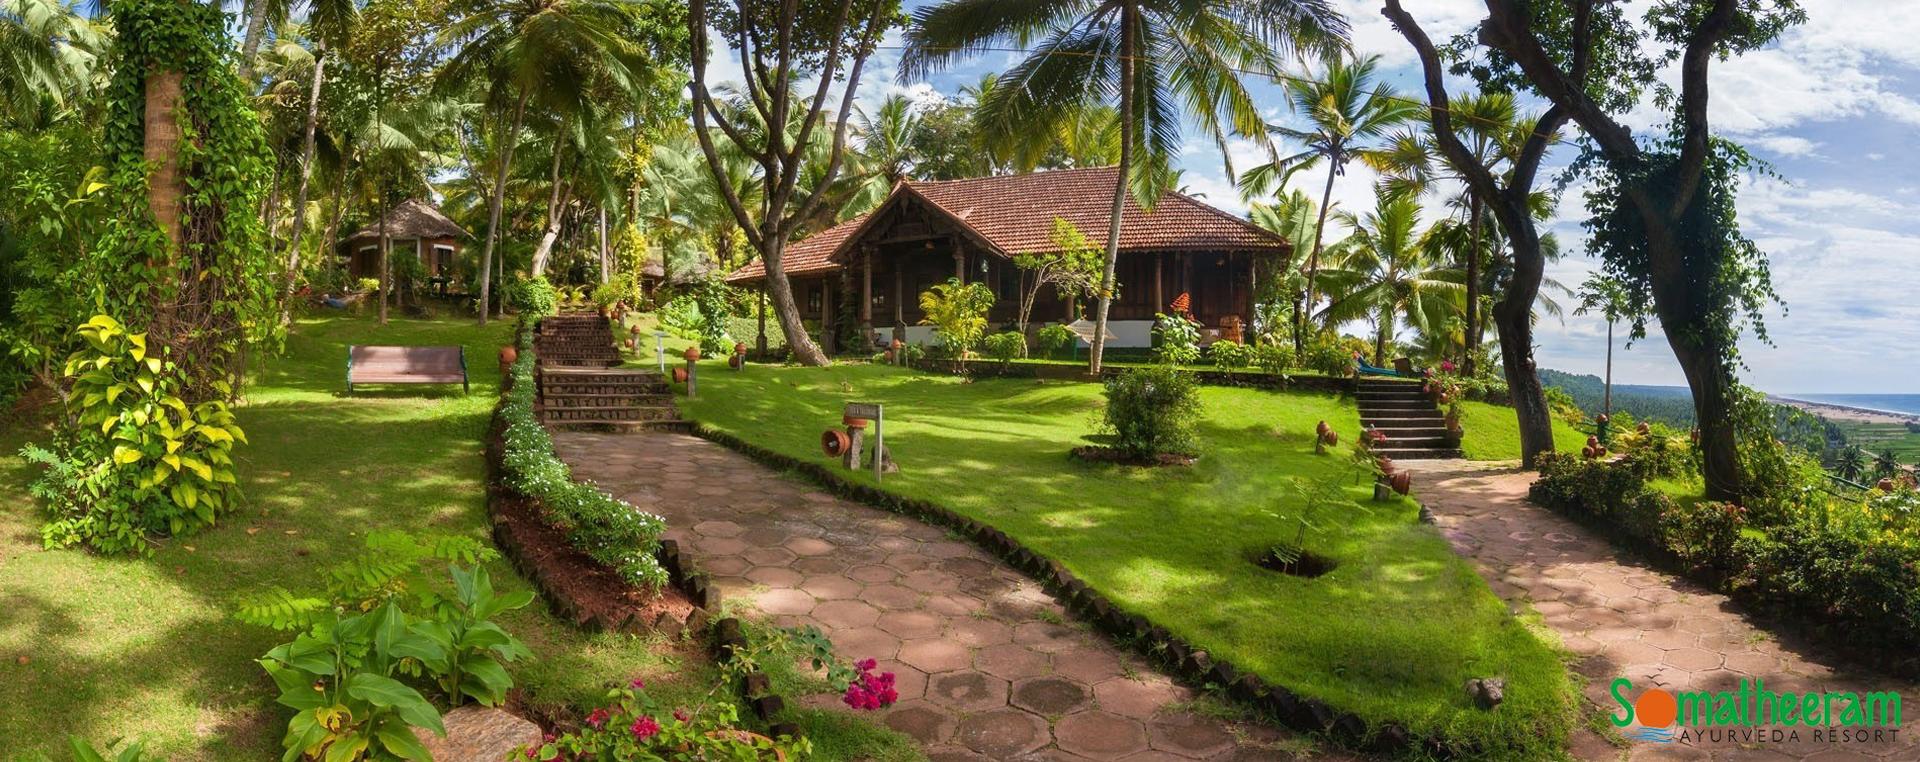 Ayurveda Village with an Ayurveda Resort ambiance - Somatheeram